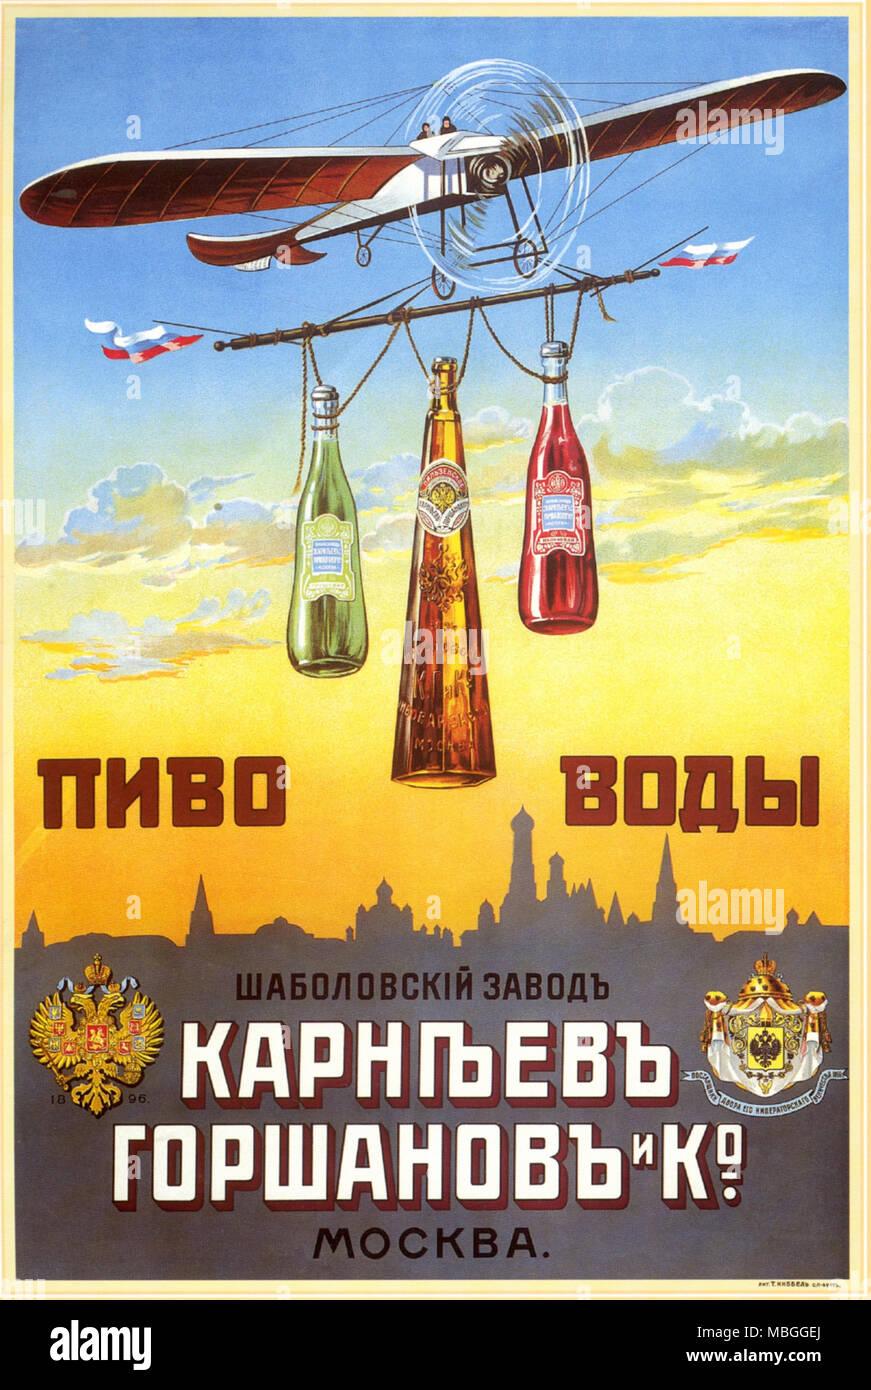 Bier & Wasser - Getränke in Flaschen aus Karneyev-Gorshanov & Co ...